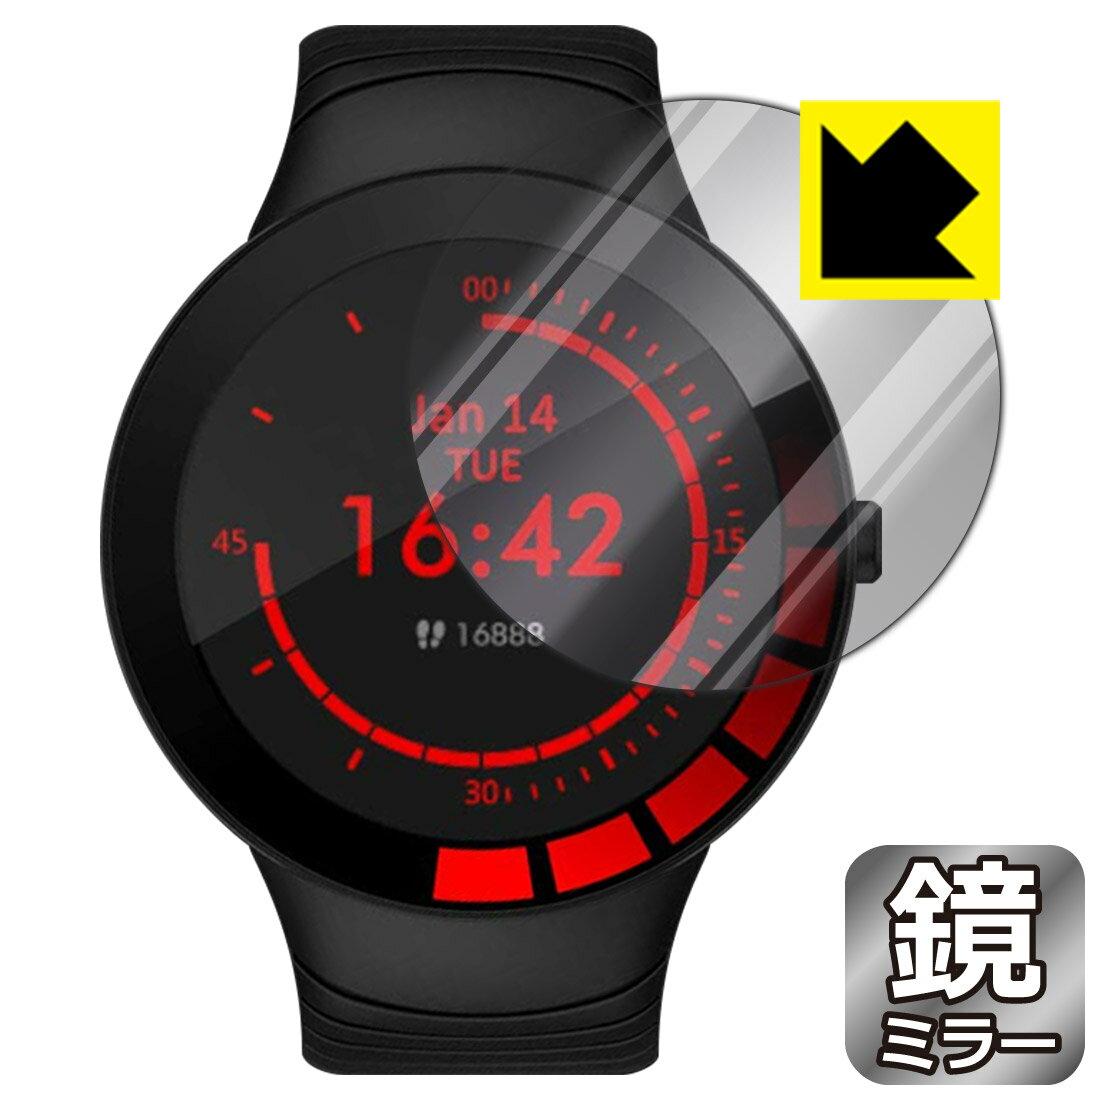 スマートフォン・タブレット, スマートウォッチアクセサリー Mirror Shield YOME E3 RCPsmtb-kd